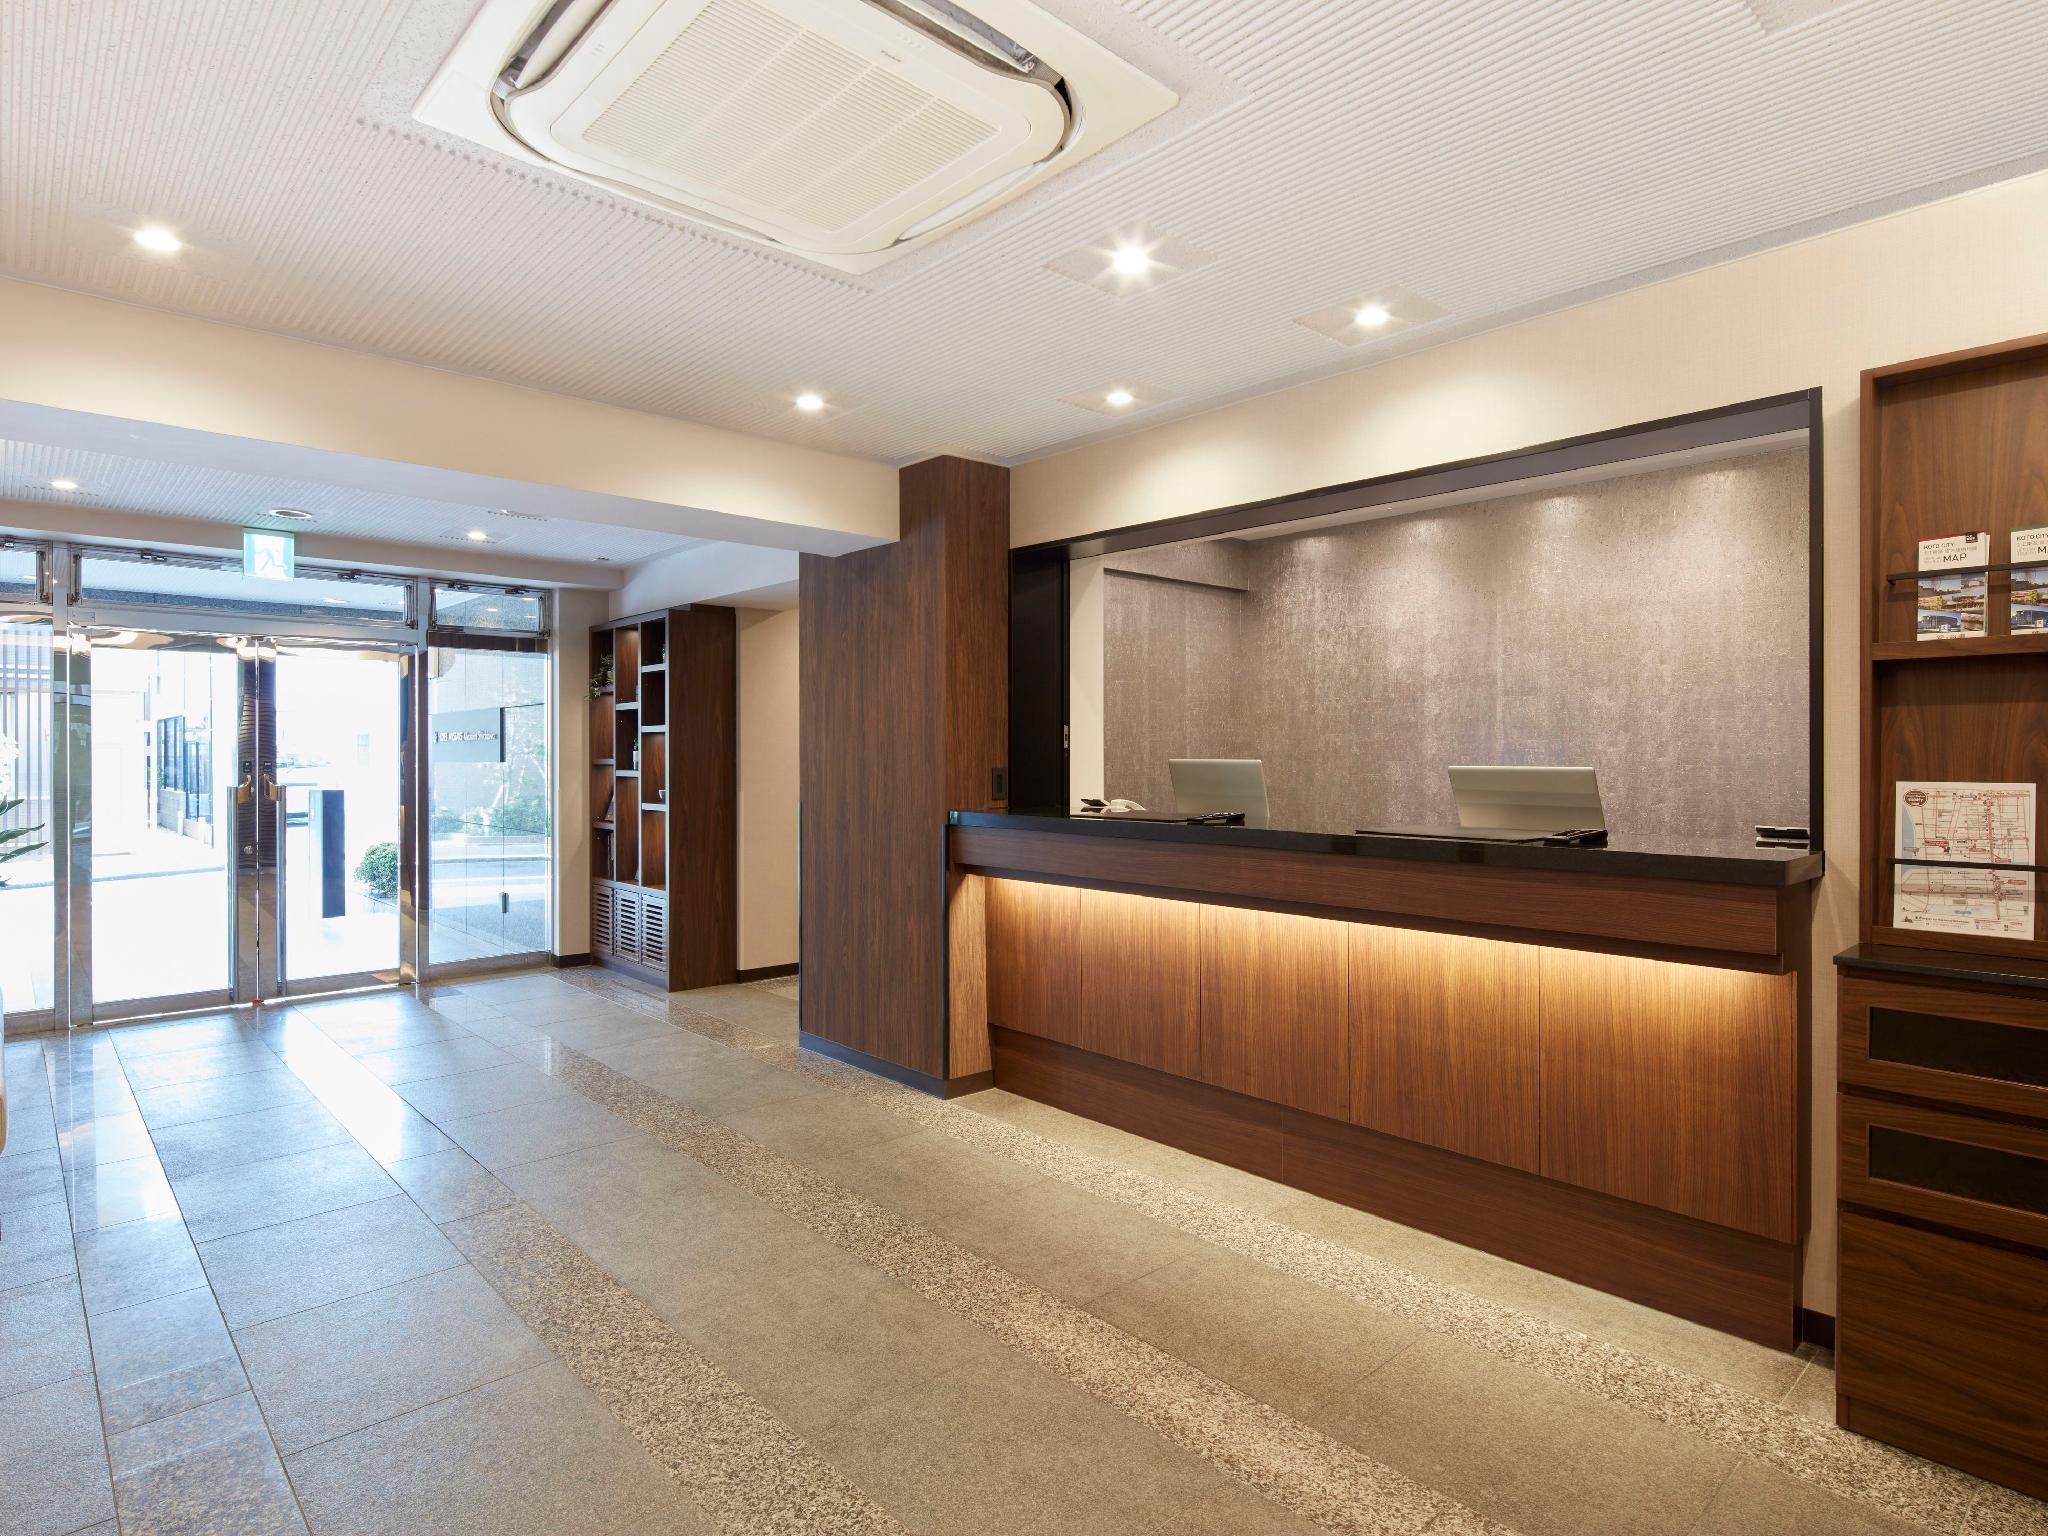 HOTEL MYSTAYS Kiyosumi Shirakawa